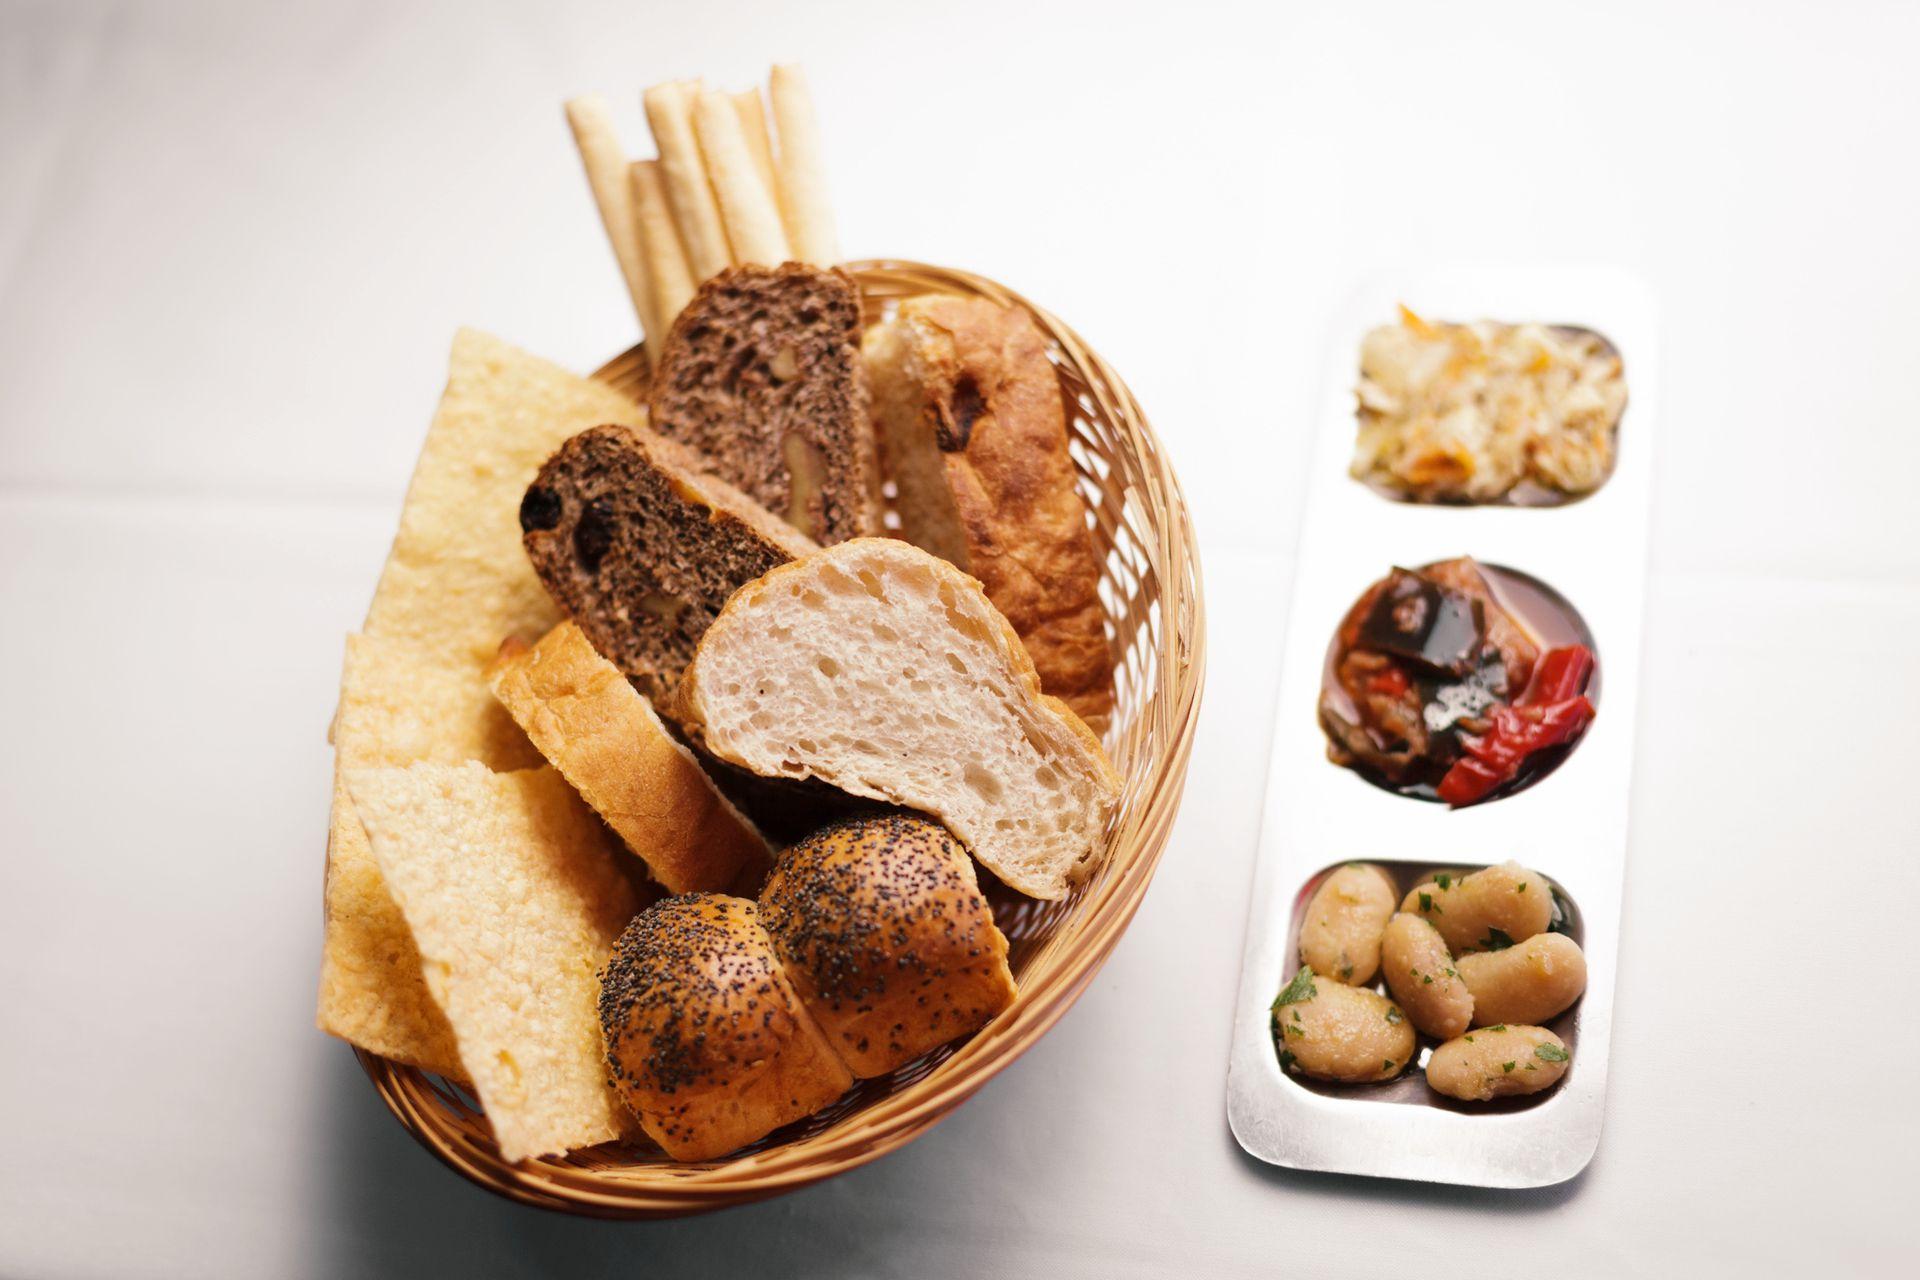 En Fervor, el pan es un gran protagonista de la comida; su canasta mágica ofrece desde ciabatta a un pan integral de nueces y pasas de uva.